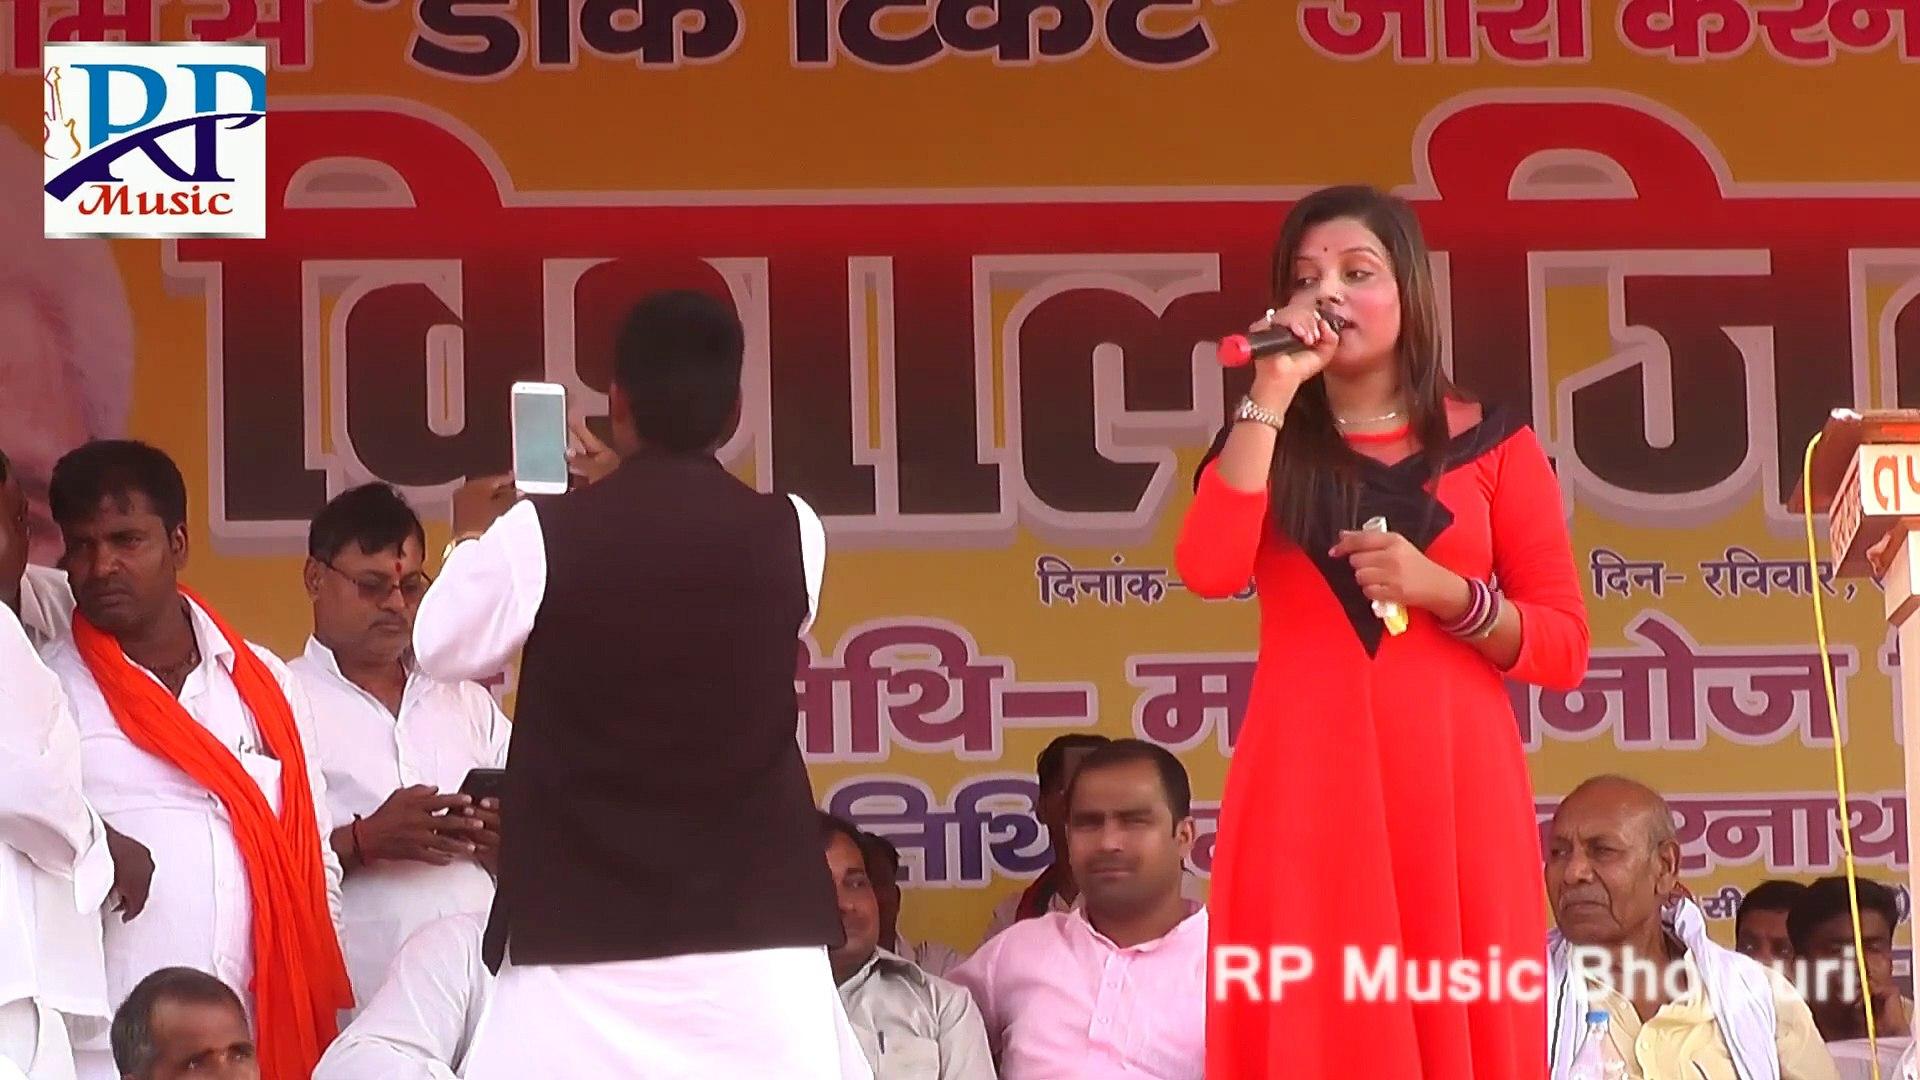 Official Video - Lach Ke La Nimiya Ke Dhad - Shilpa Singh - Live Show 2021 - RP Music